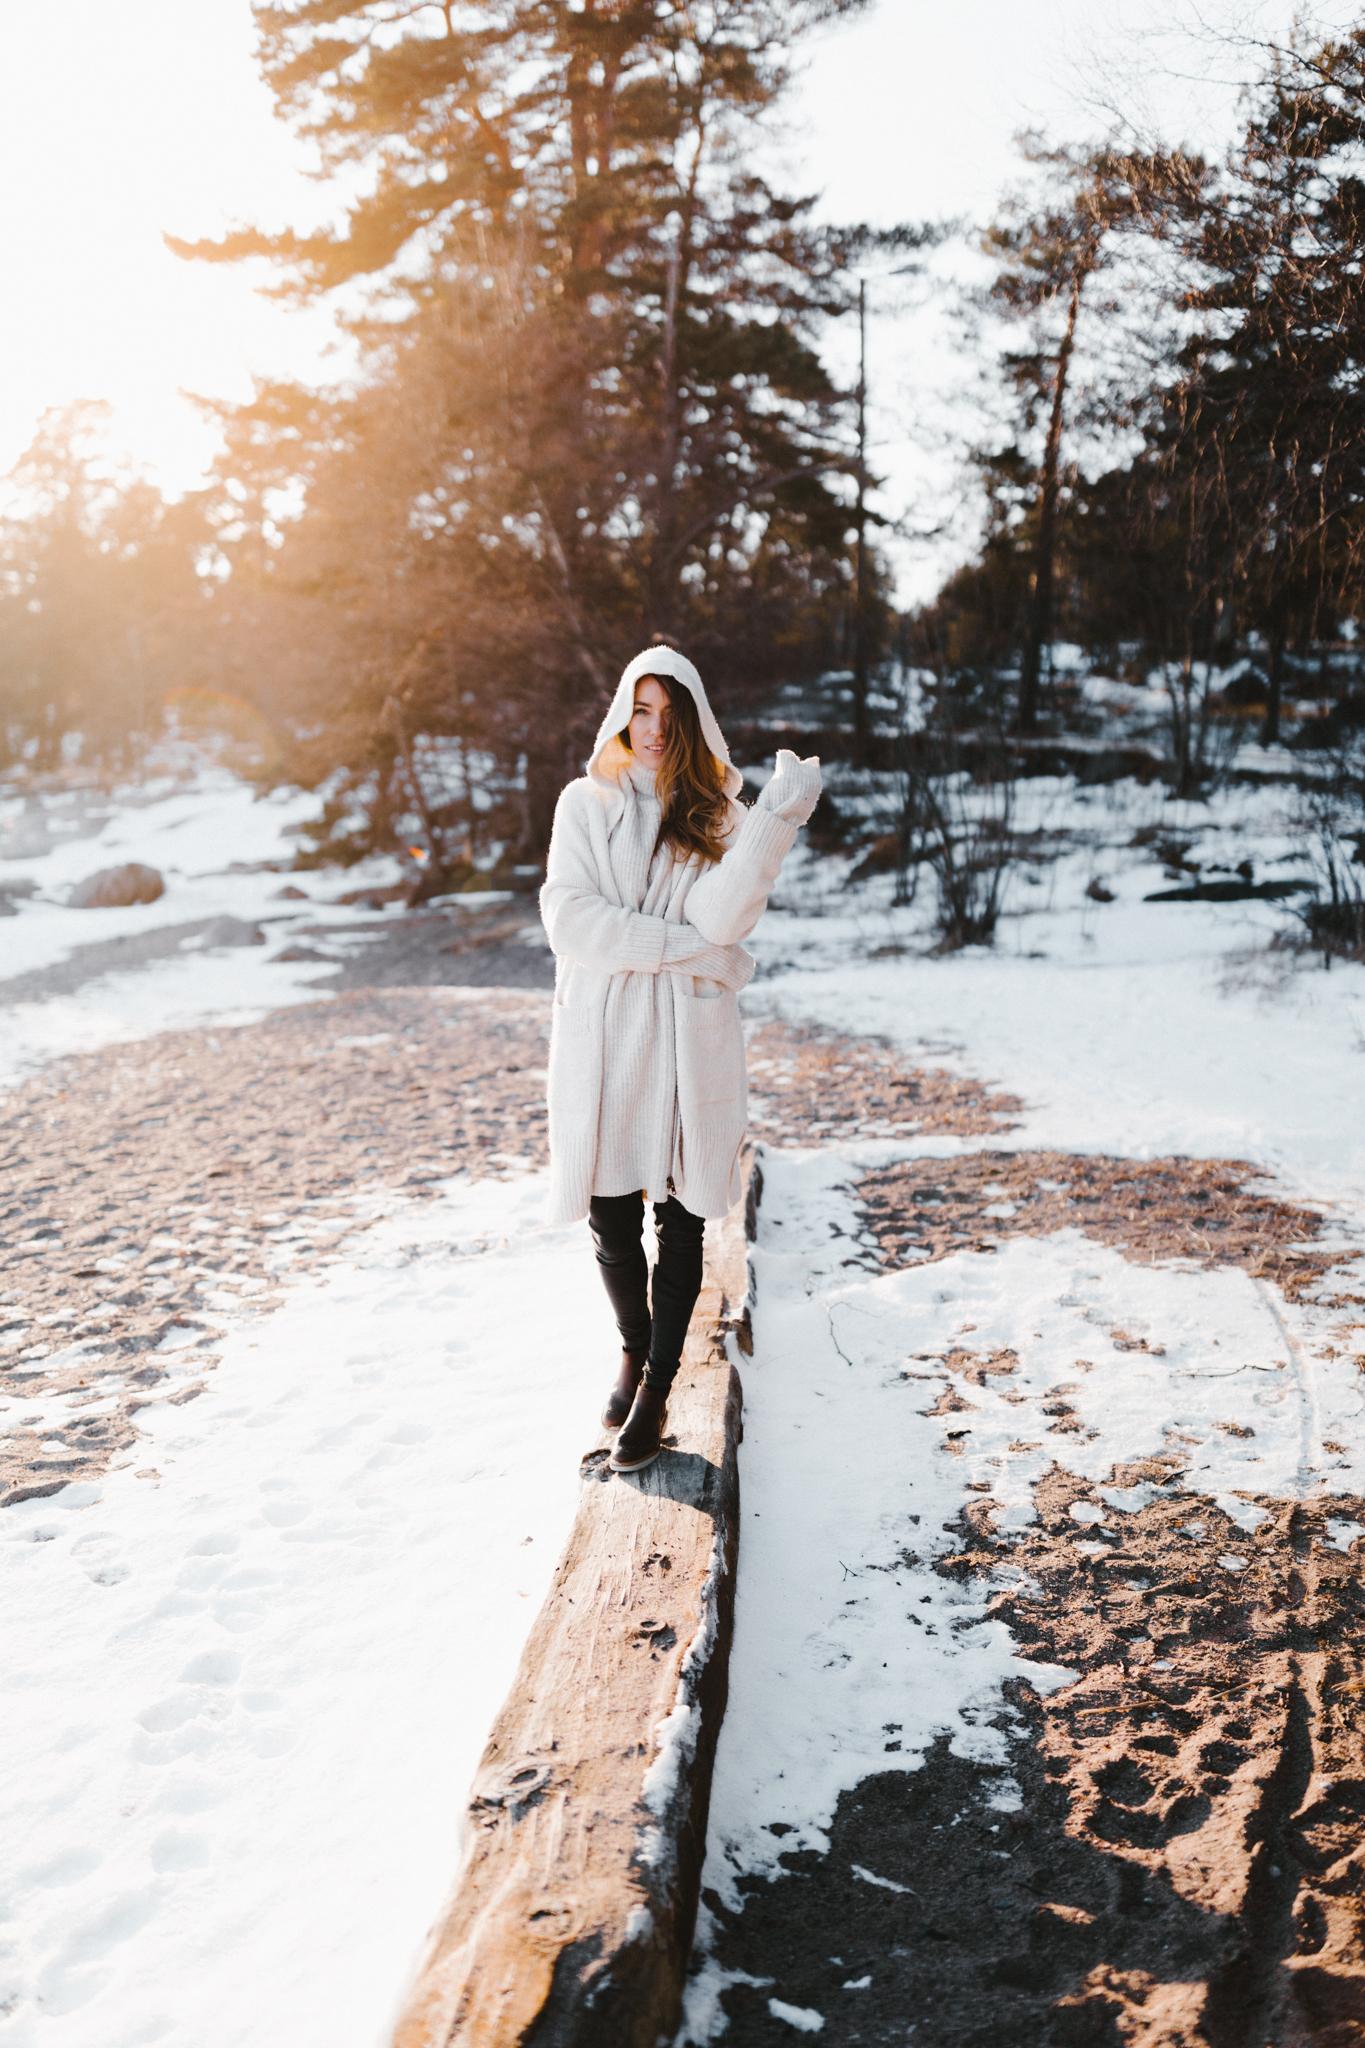 Julia Toivola -- Photos by Patrick Karkkolainen Photographer-91.jpg